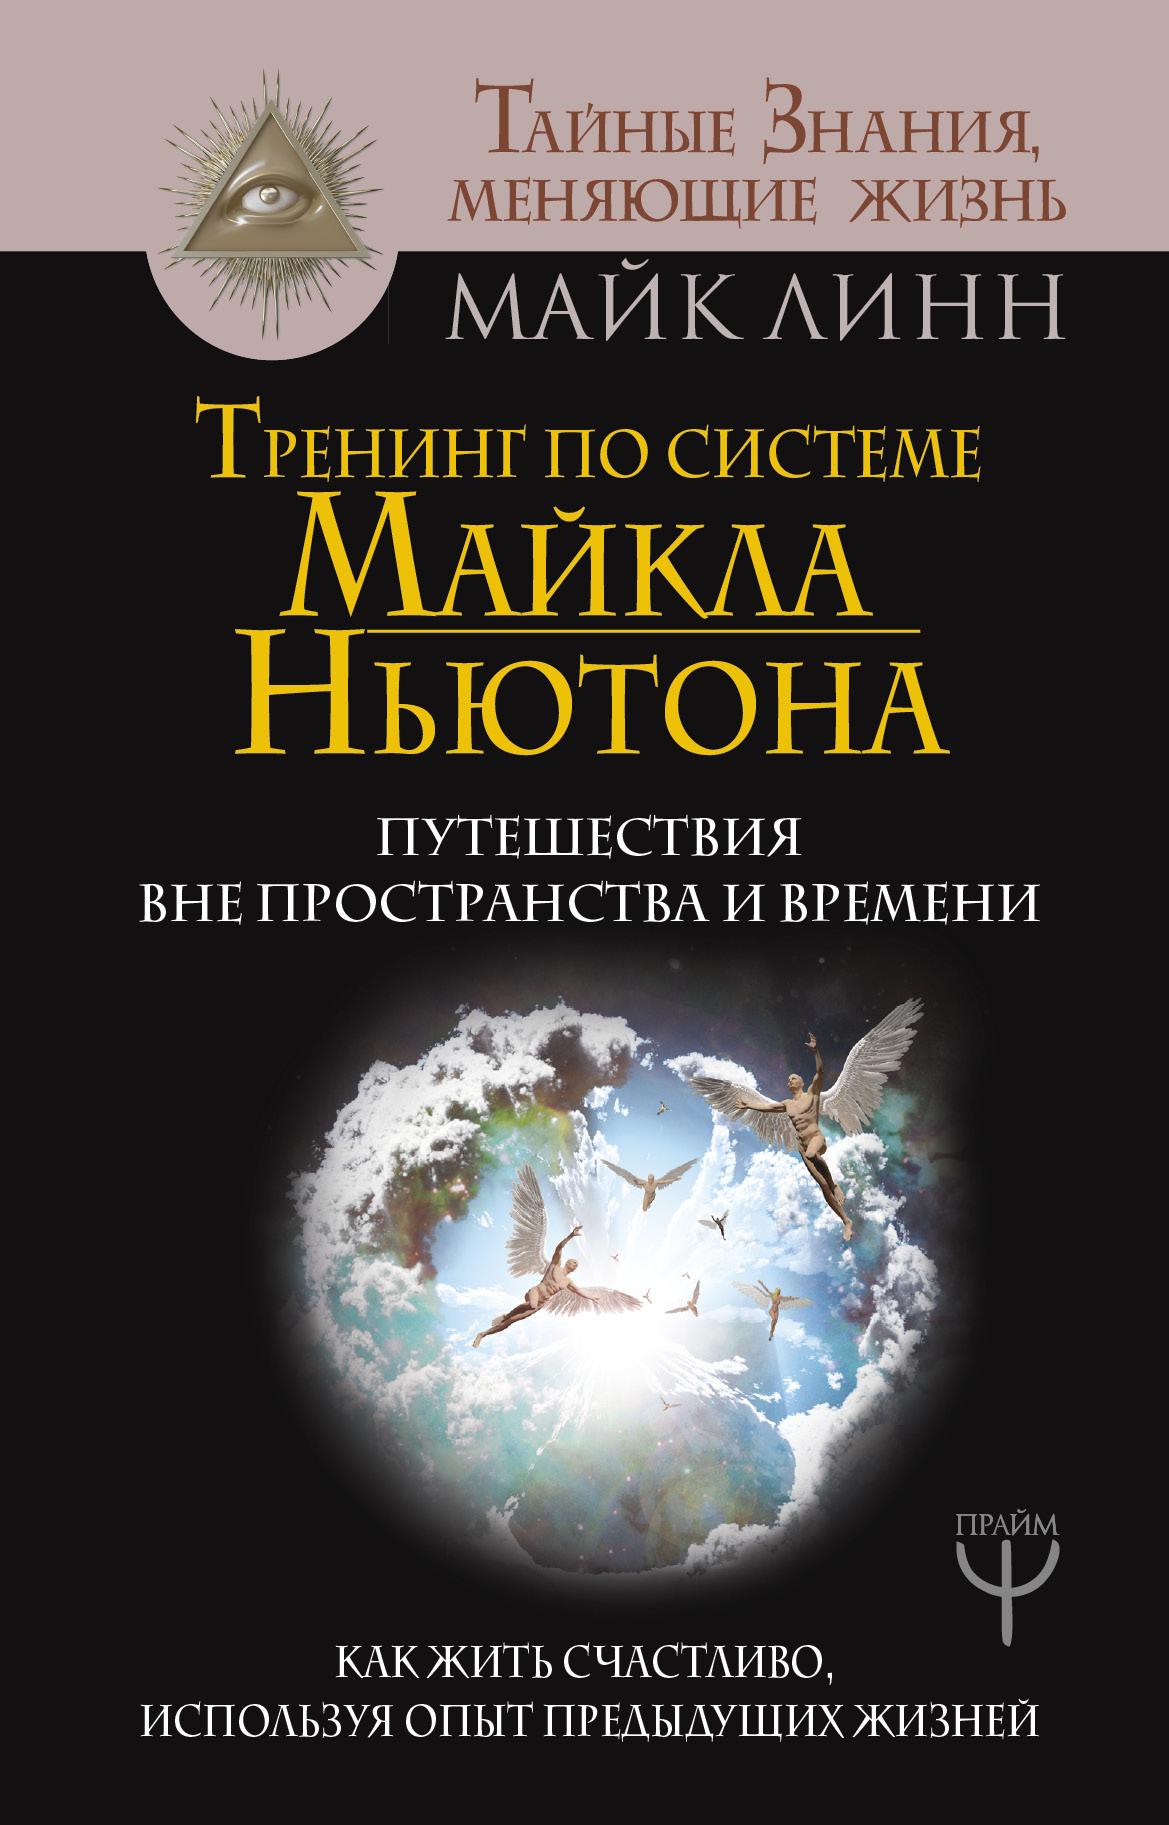 Скачать бесплатно книги майкла ньютона fb2